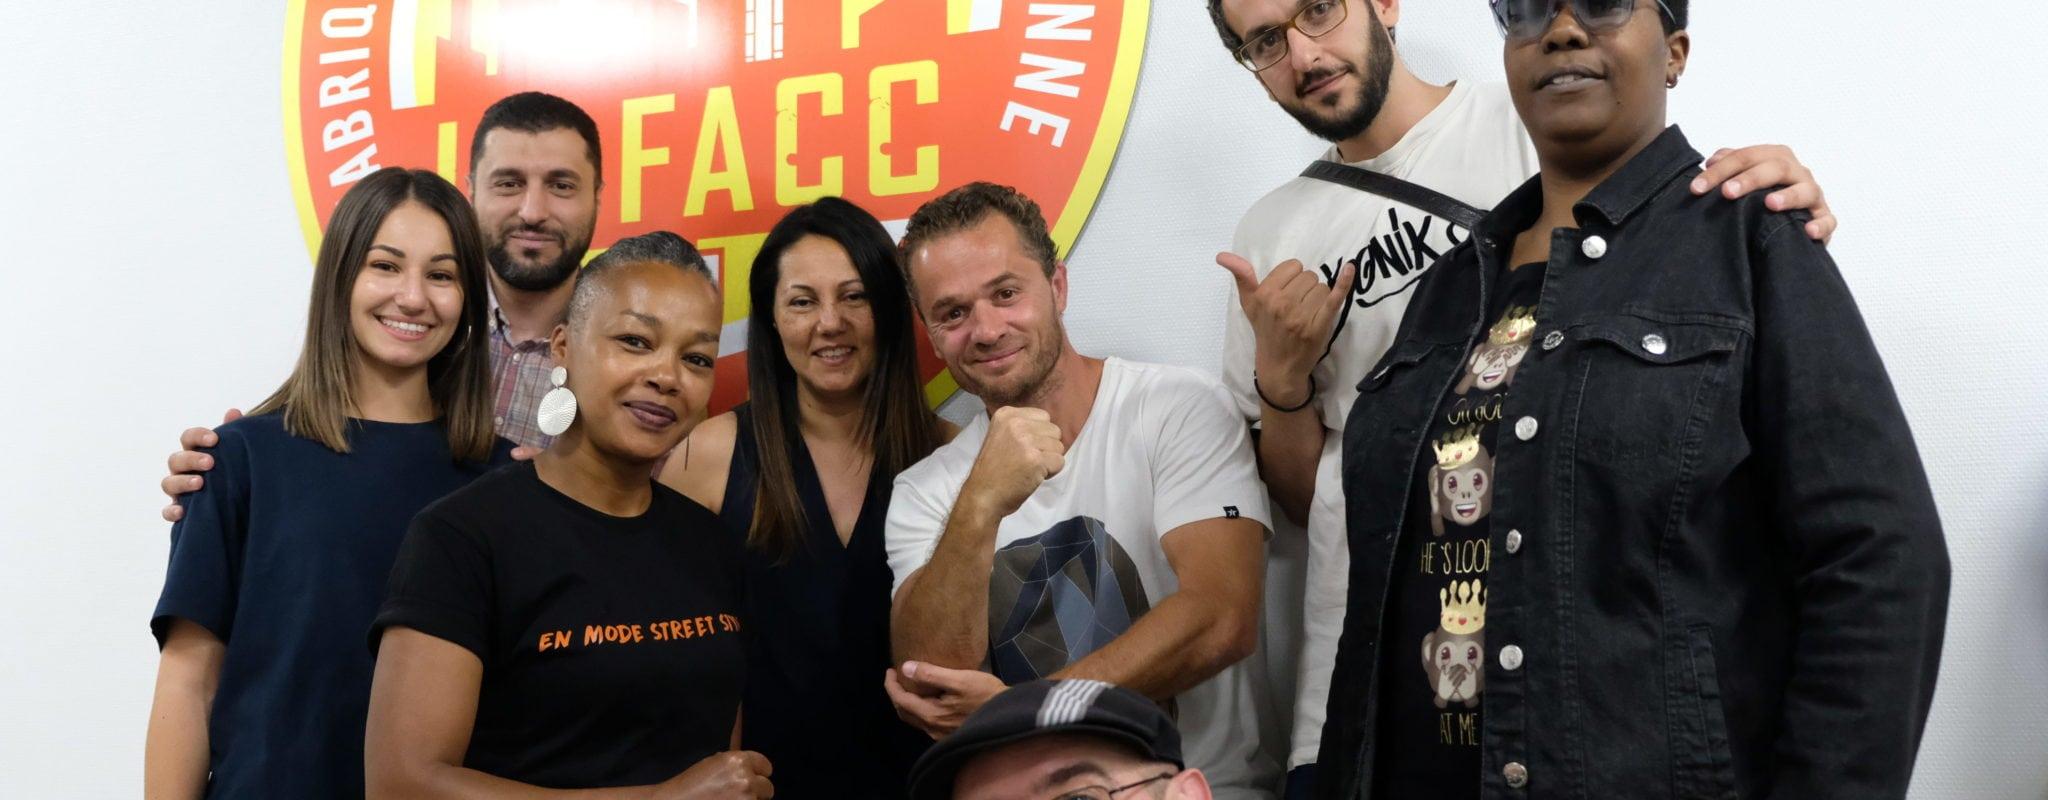 Breakdance, entrepreneuriat, studios d'enregistrement… La FACC se concrétise quartiers Elsau et Meinau